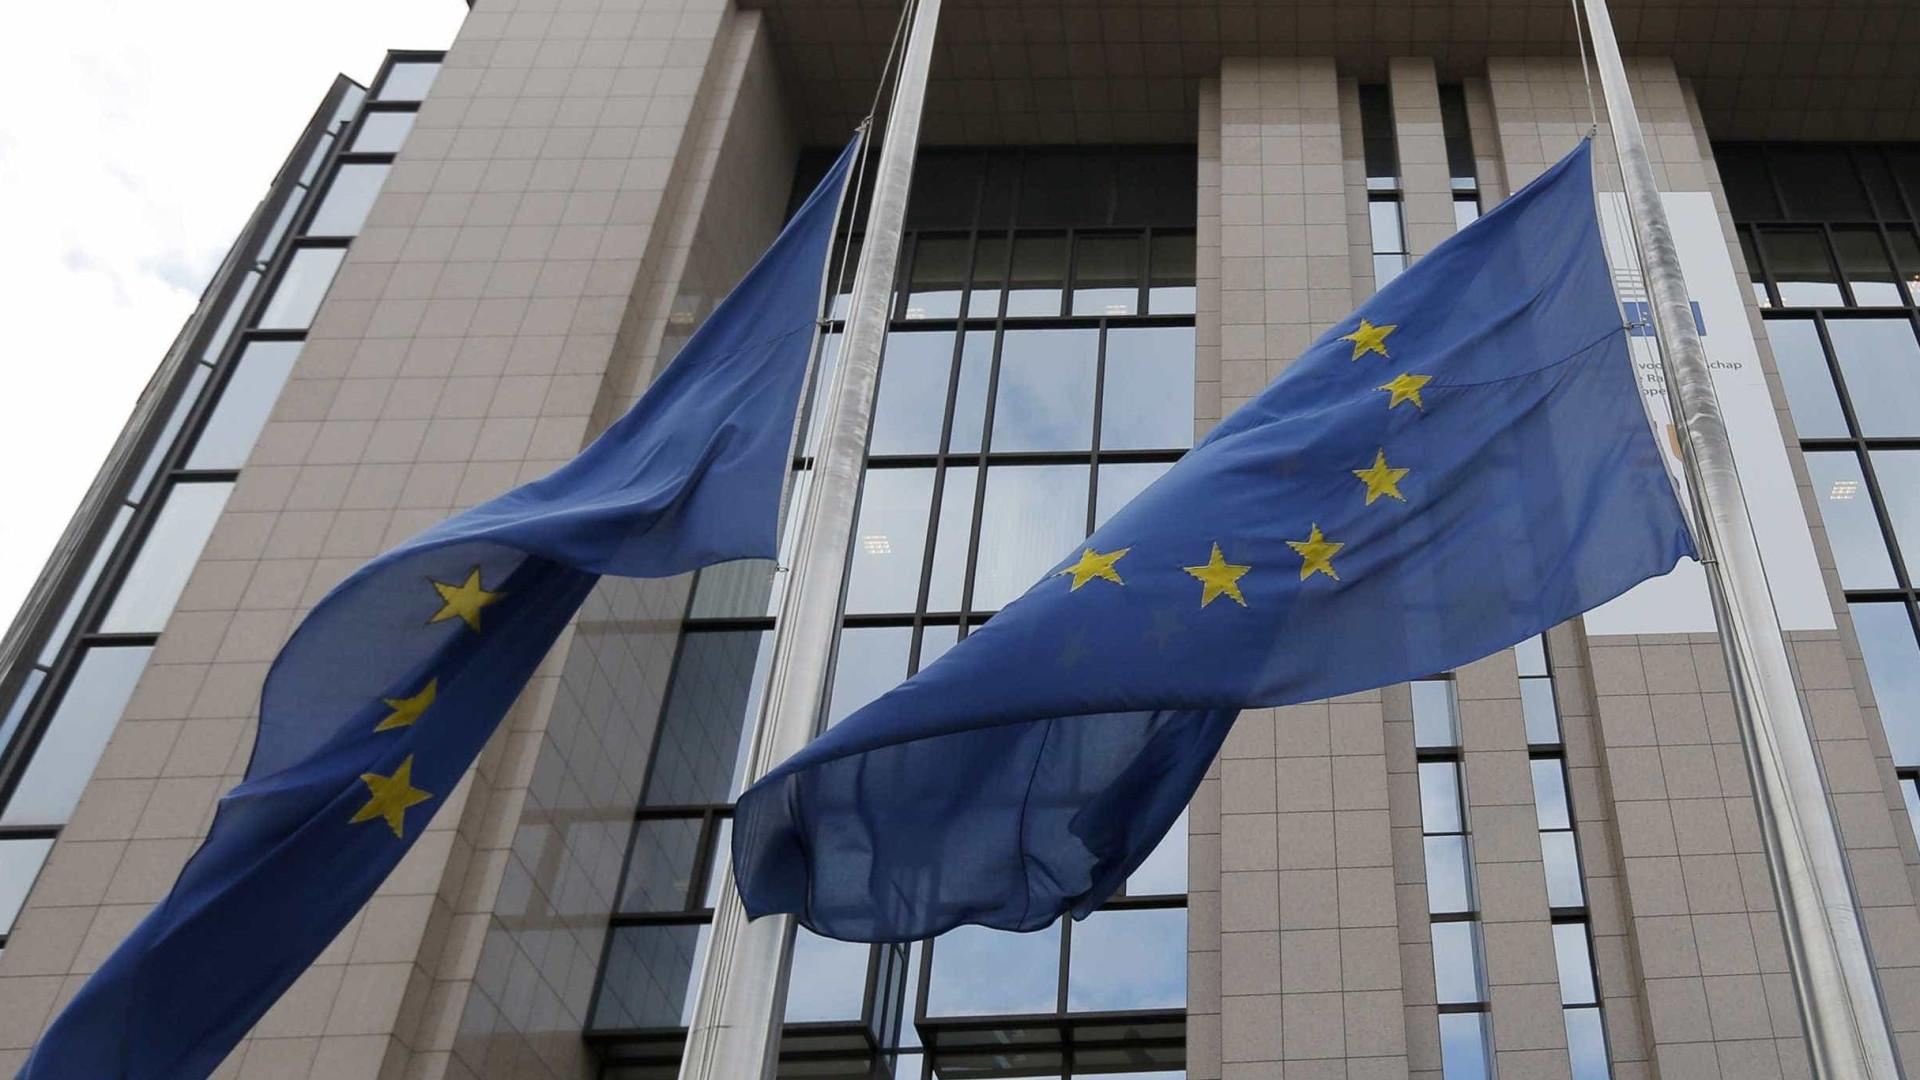 Bruxelas propõe alocar 13 mil milhões ao novo Fundo Europeu de Defesa